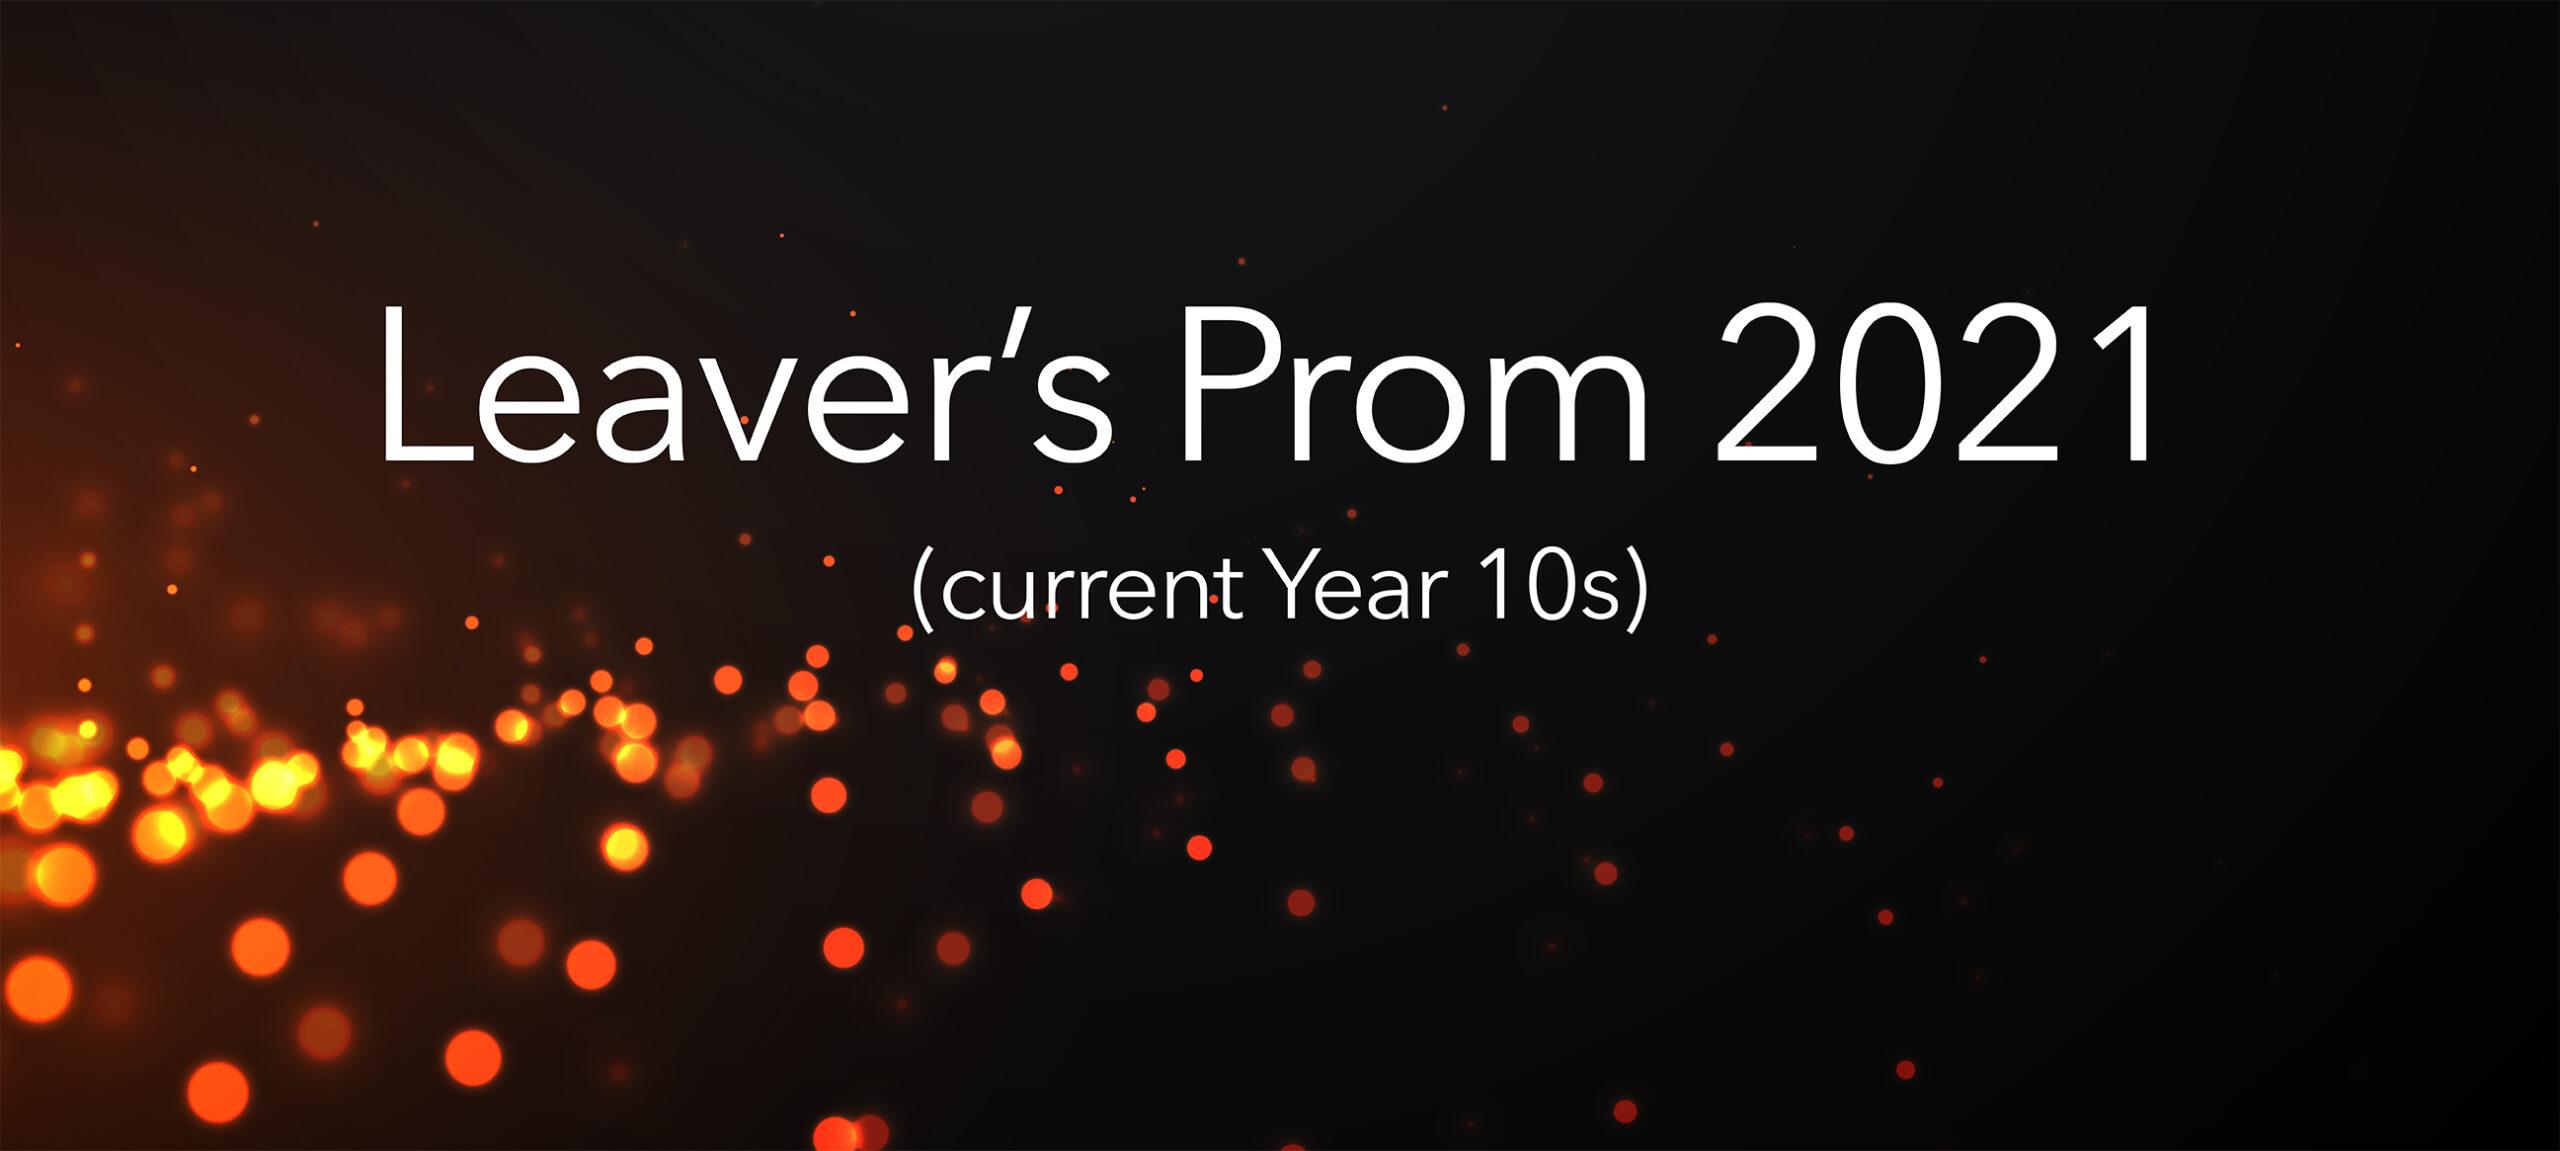 Leaver's Prom 2021